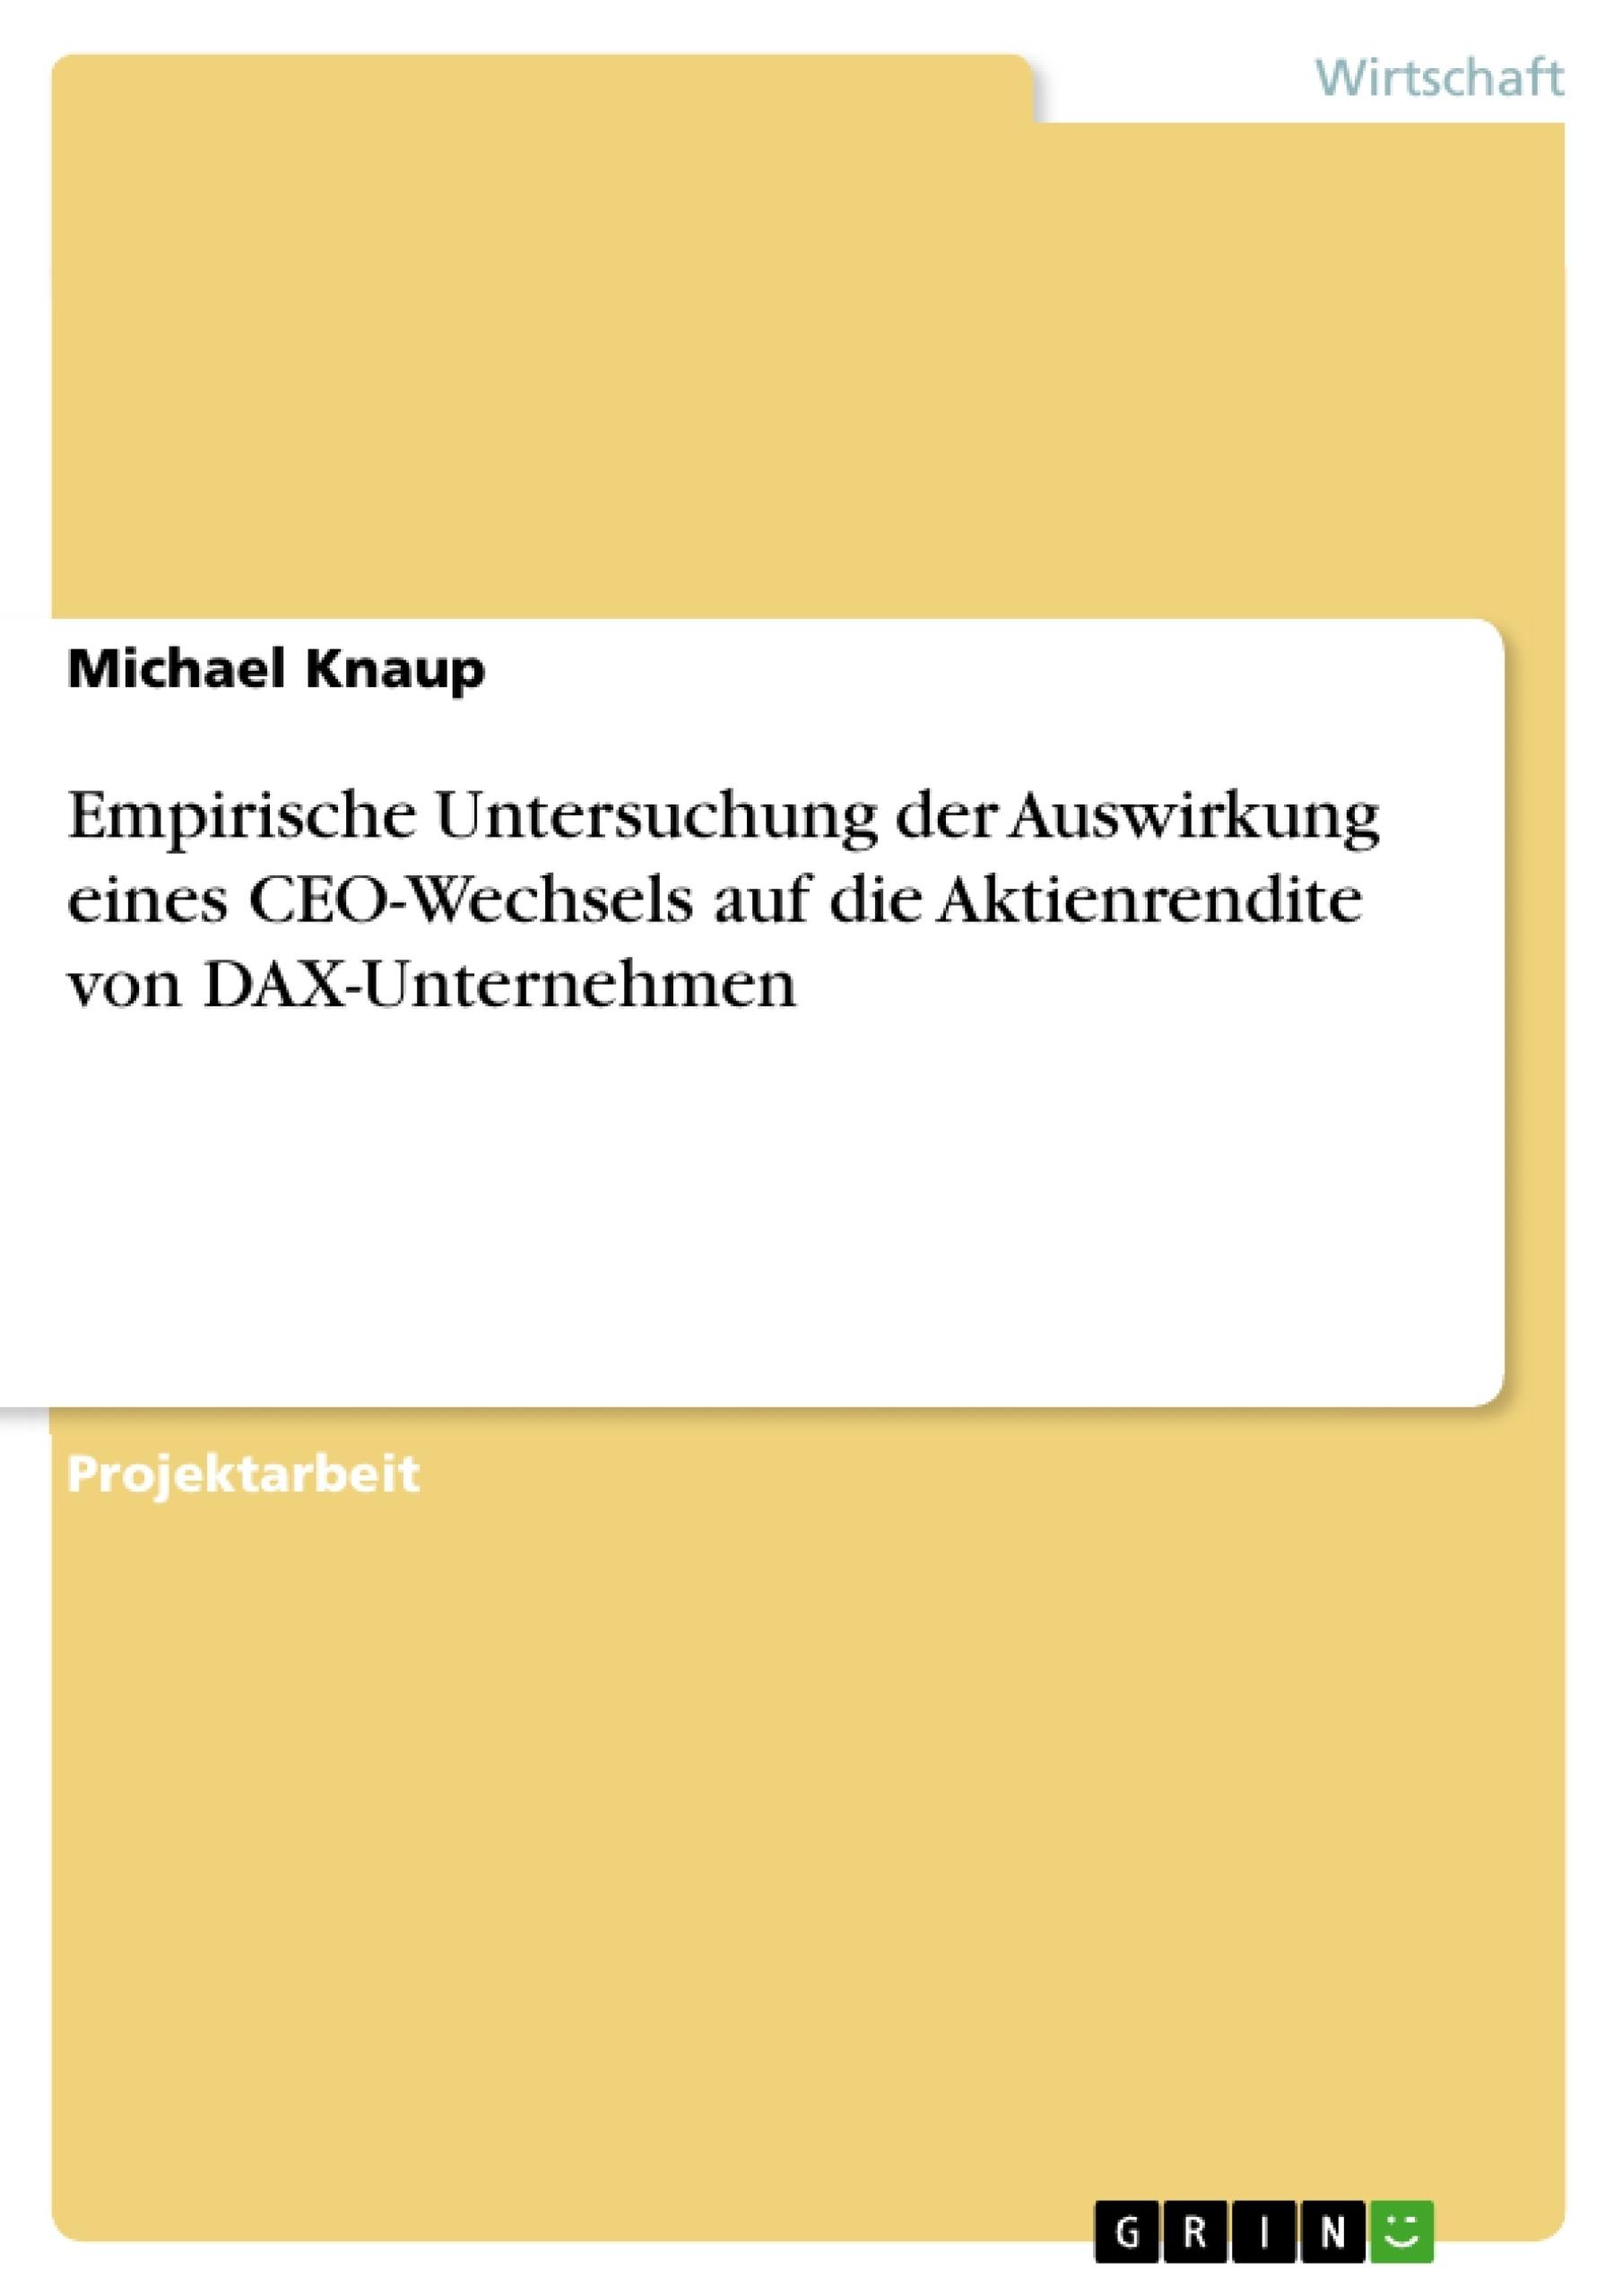 Titel: Empirische Untersuchung der Auswirkung eines CEO-Wechsels auf die Aktienrendite von DAX-Unternehmen